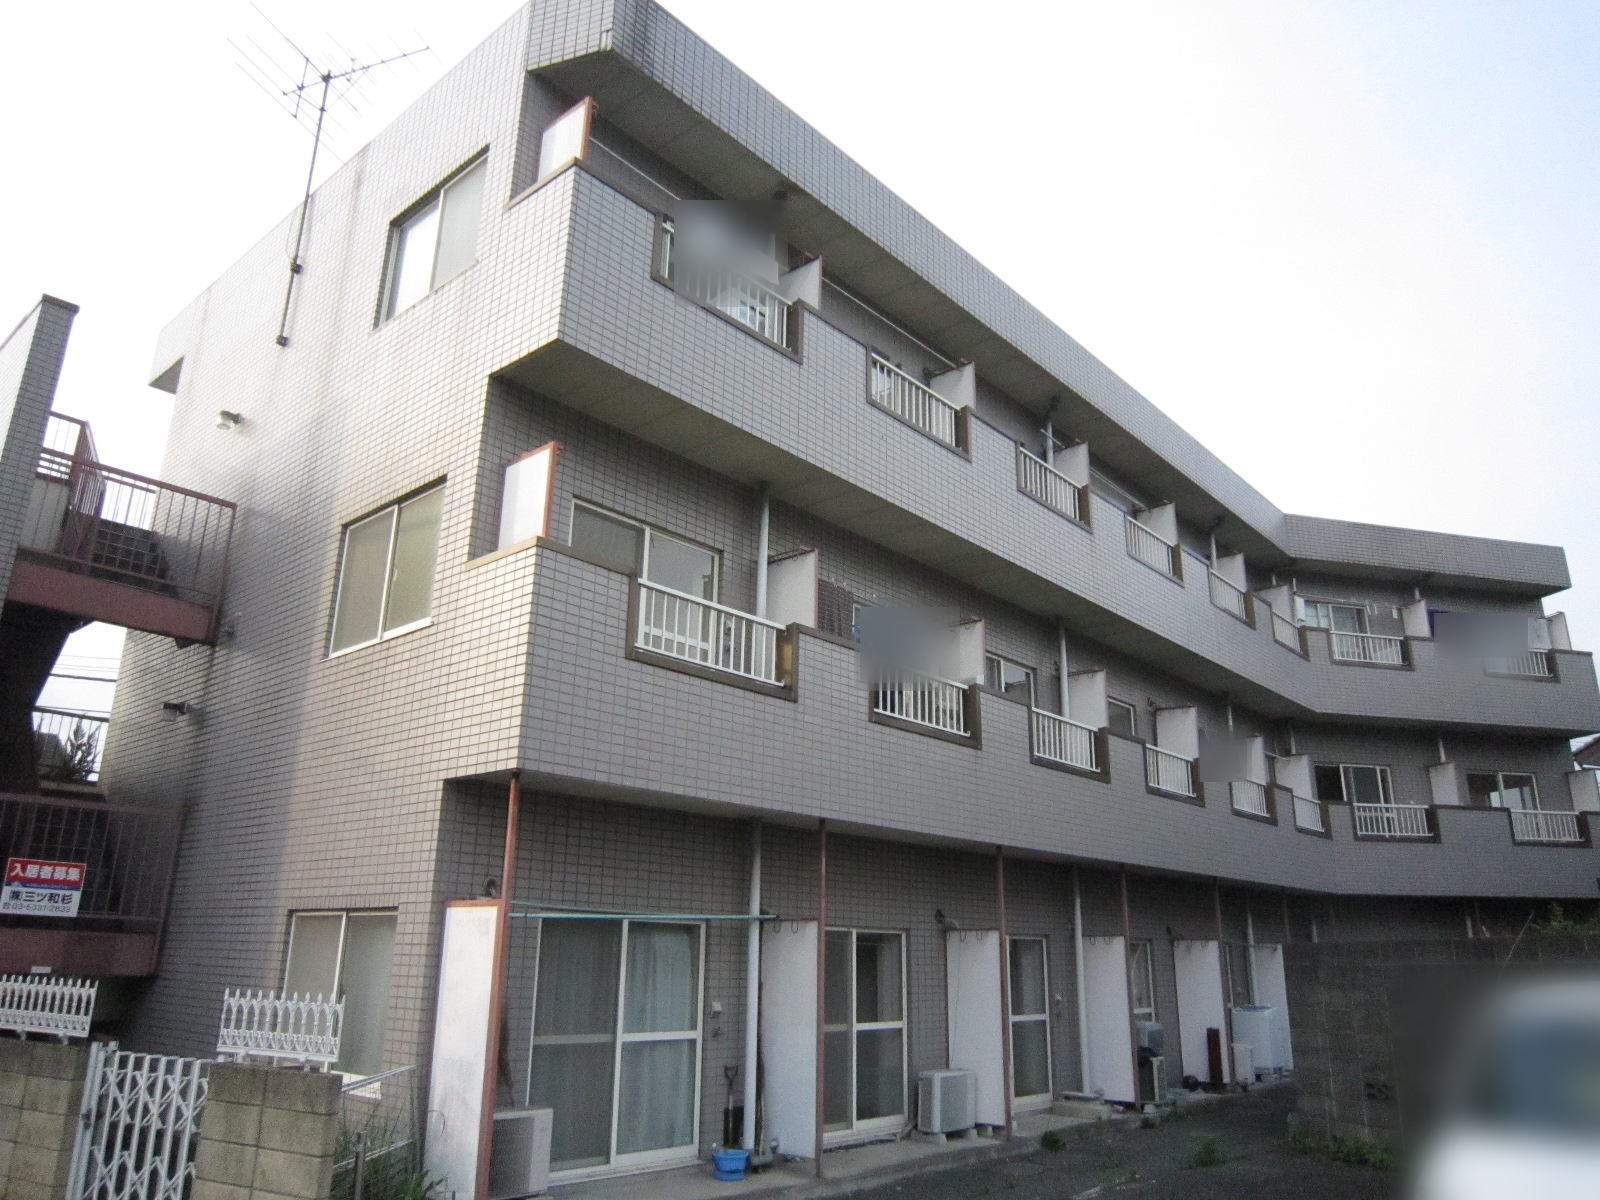 埼玉県入間市、仏子駅徒歩3分の築28年 3階建の賃貸マンション